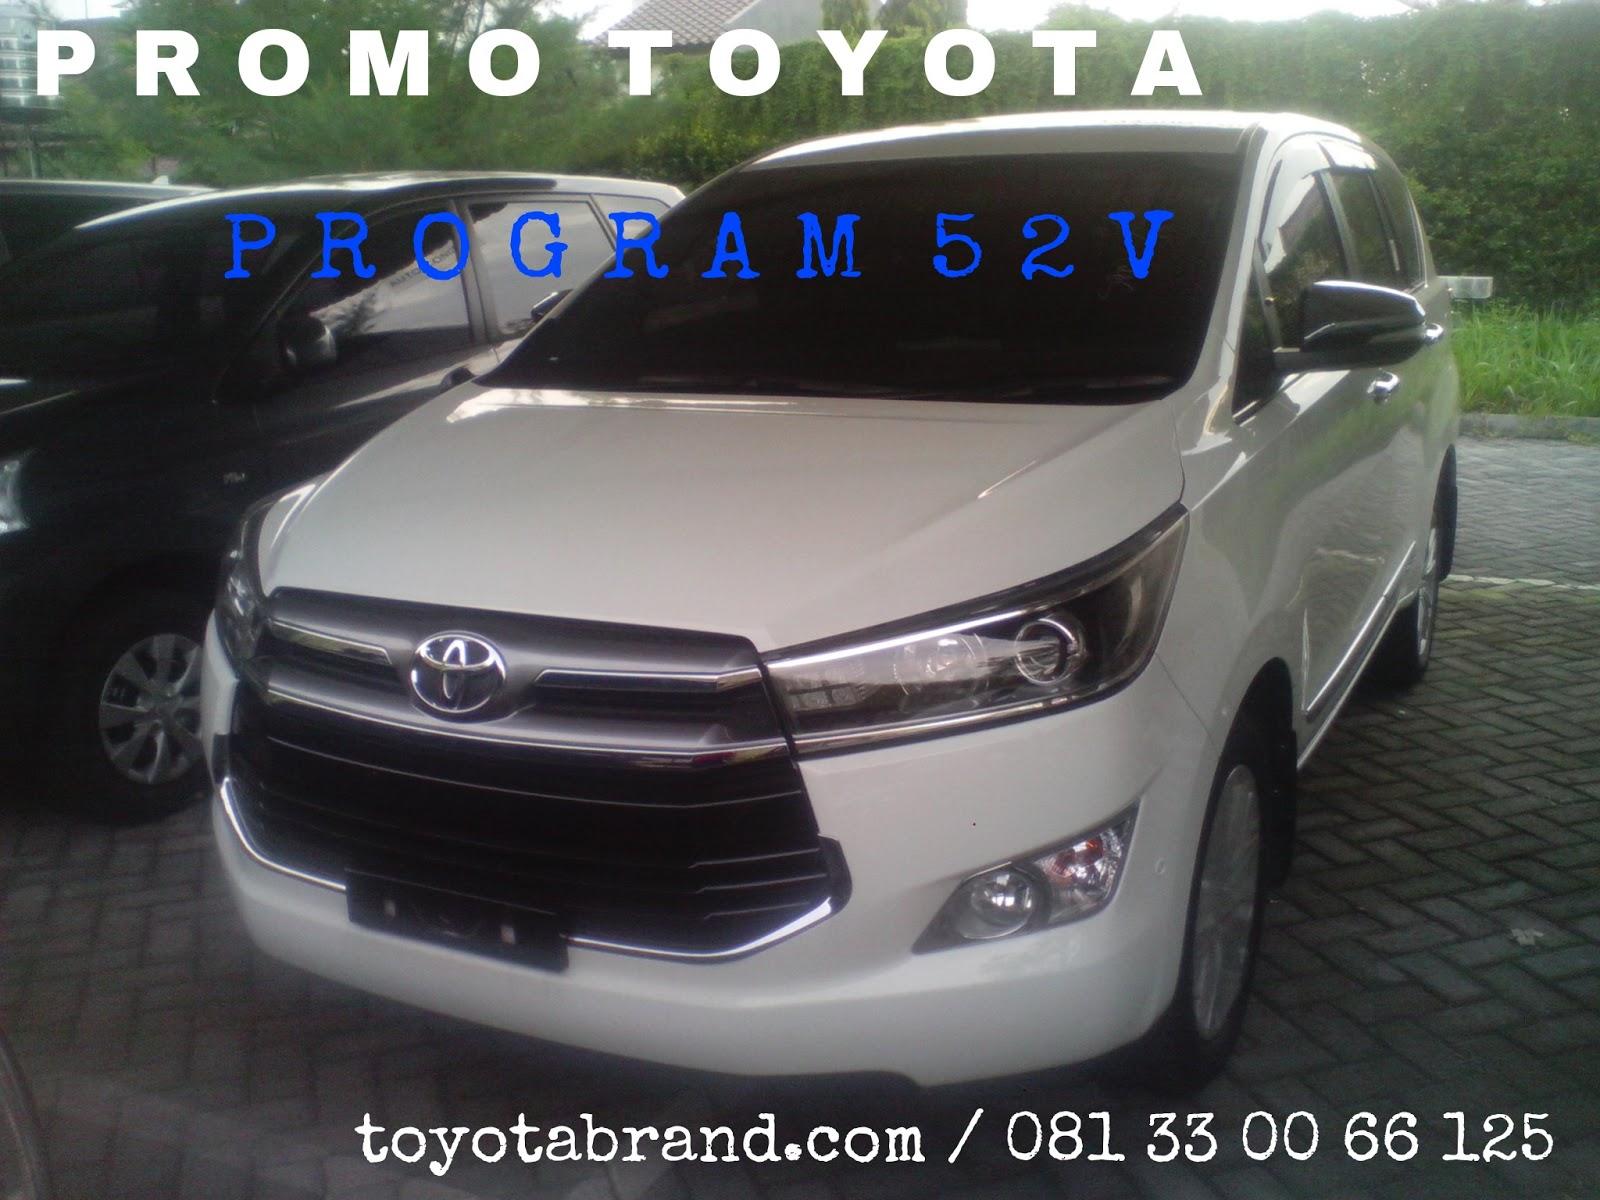 Cicilan All New Kijang Innova Grand Avanza Veloz 1.3 At Promo Toyota Program 52v Kredit Diskon Cashback Besar Di Ini Berlaku Untuk Pembelian Cash Dan Agya Fortuner Anda Berkesempatan Mendapatkan